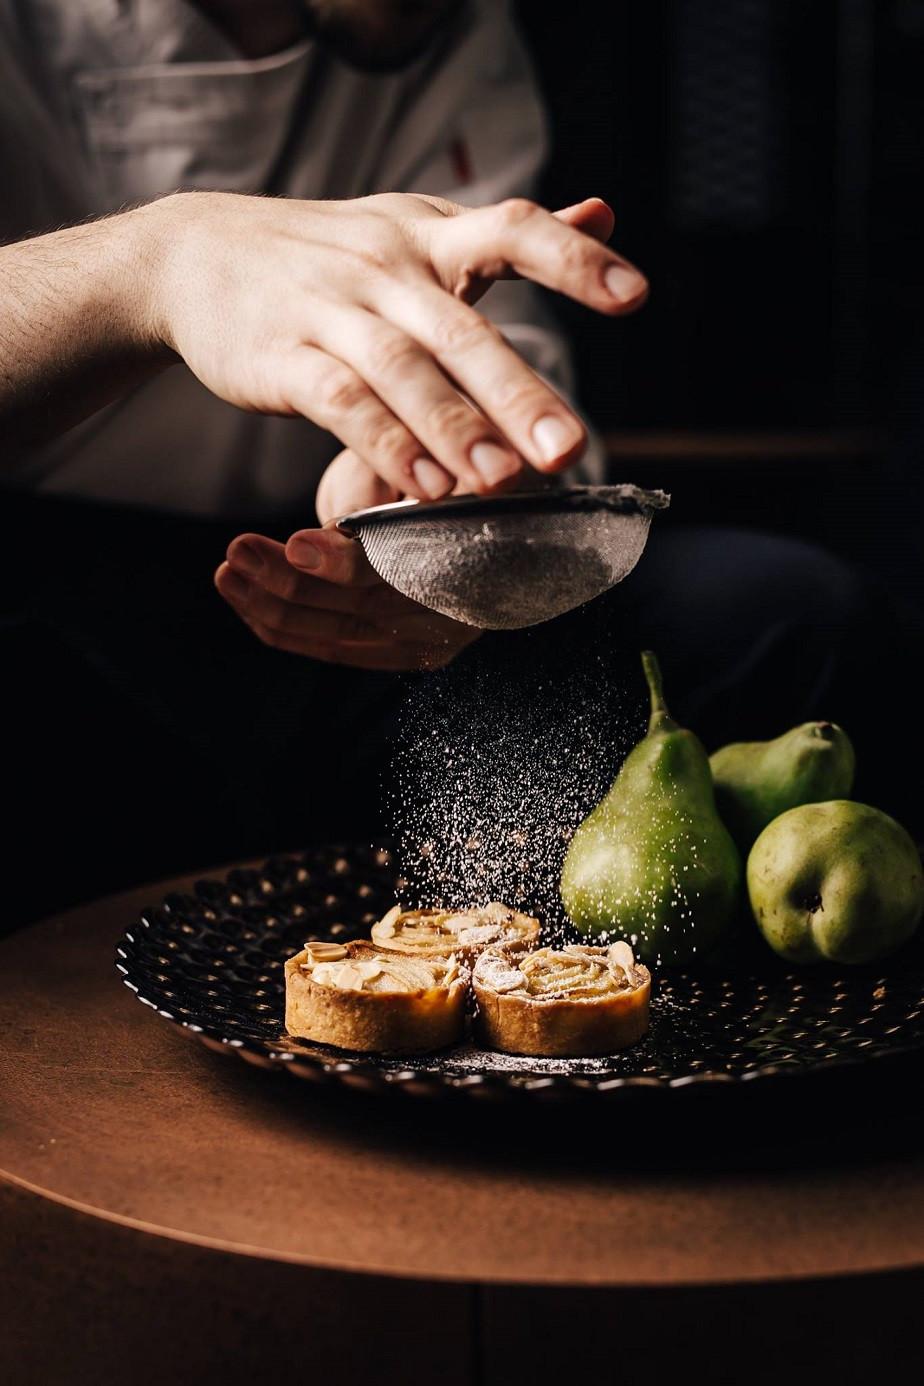 Stunning Food Photography by Wix Photographer Matan Katz